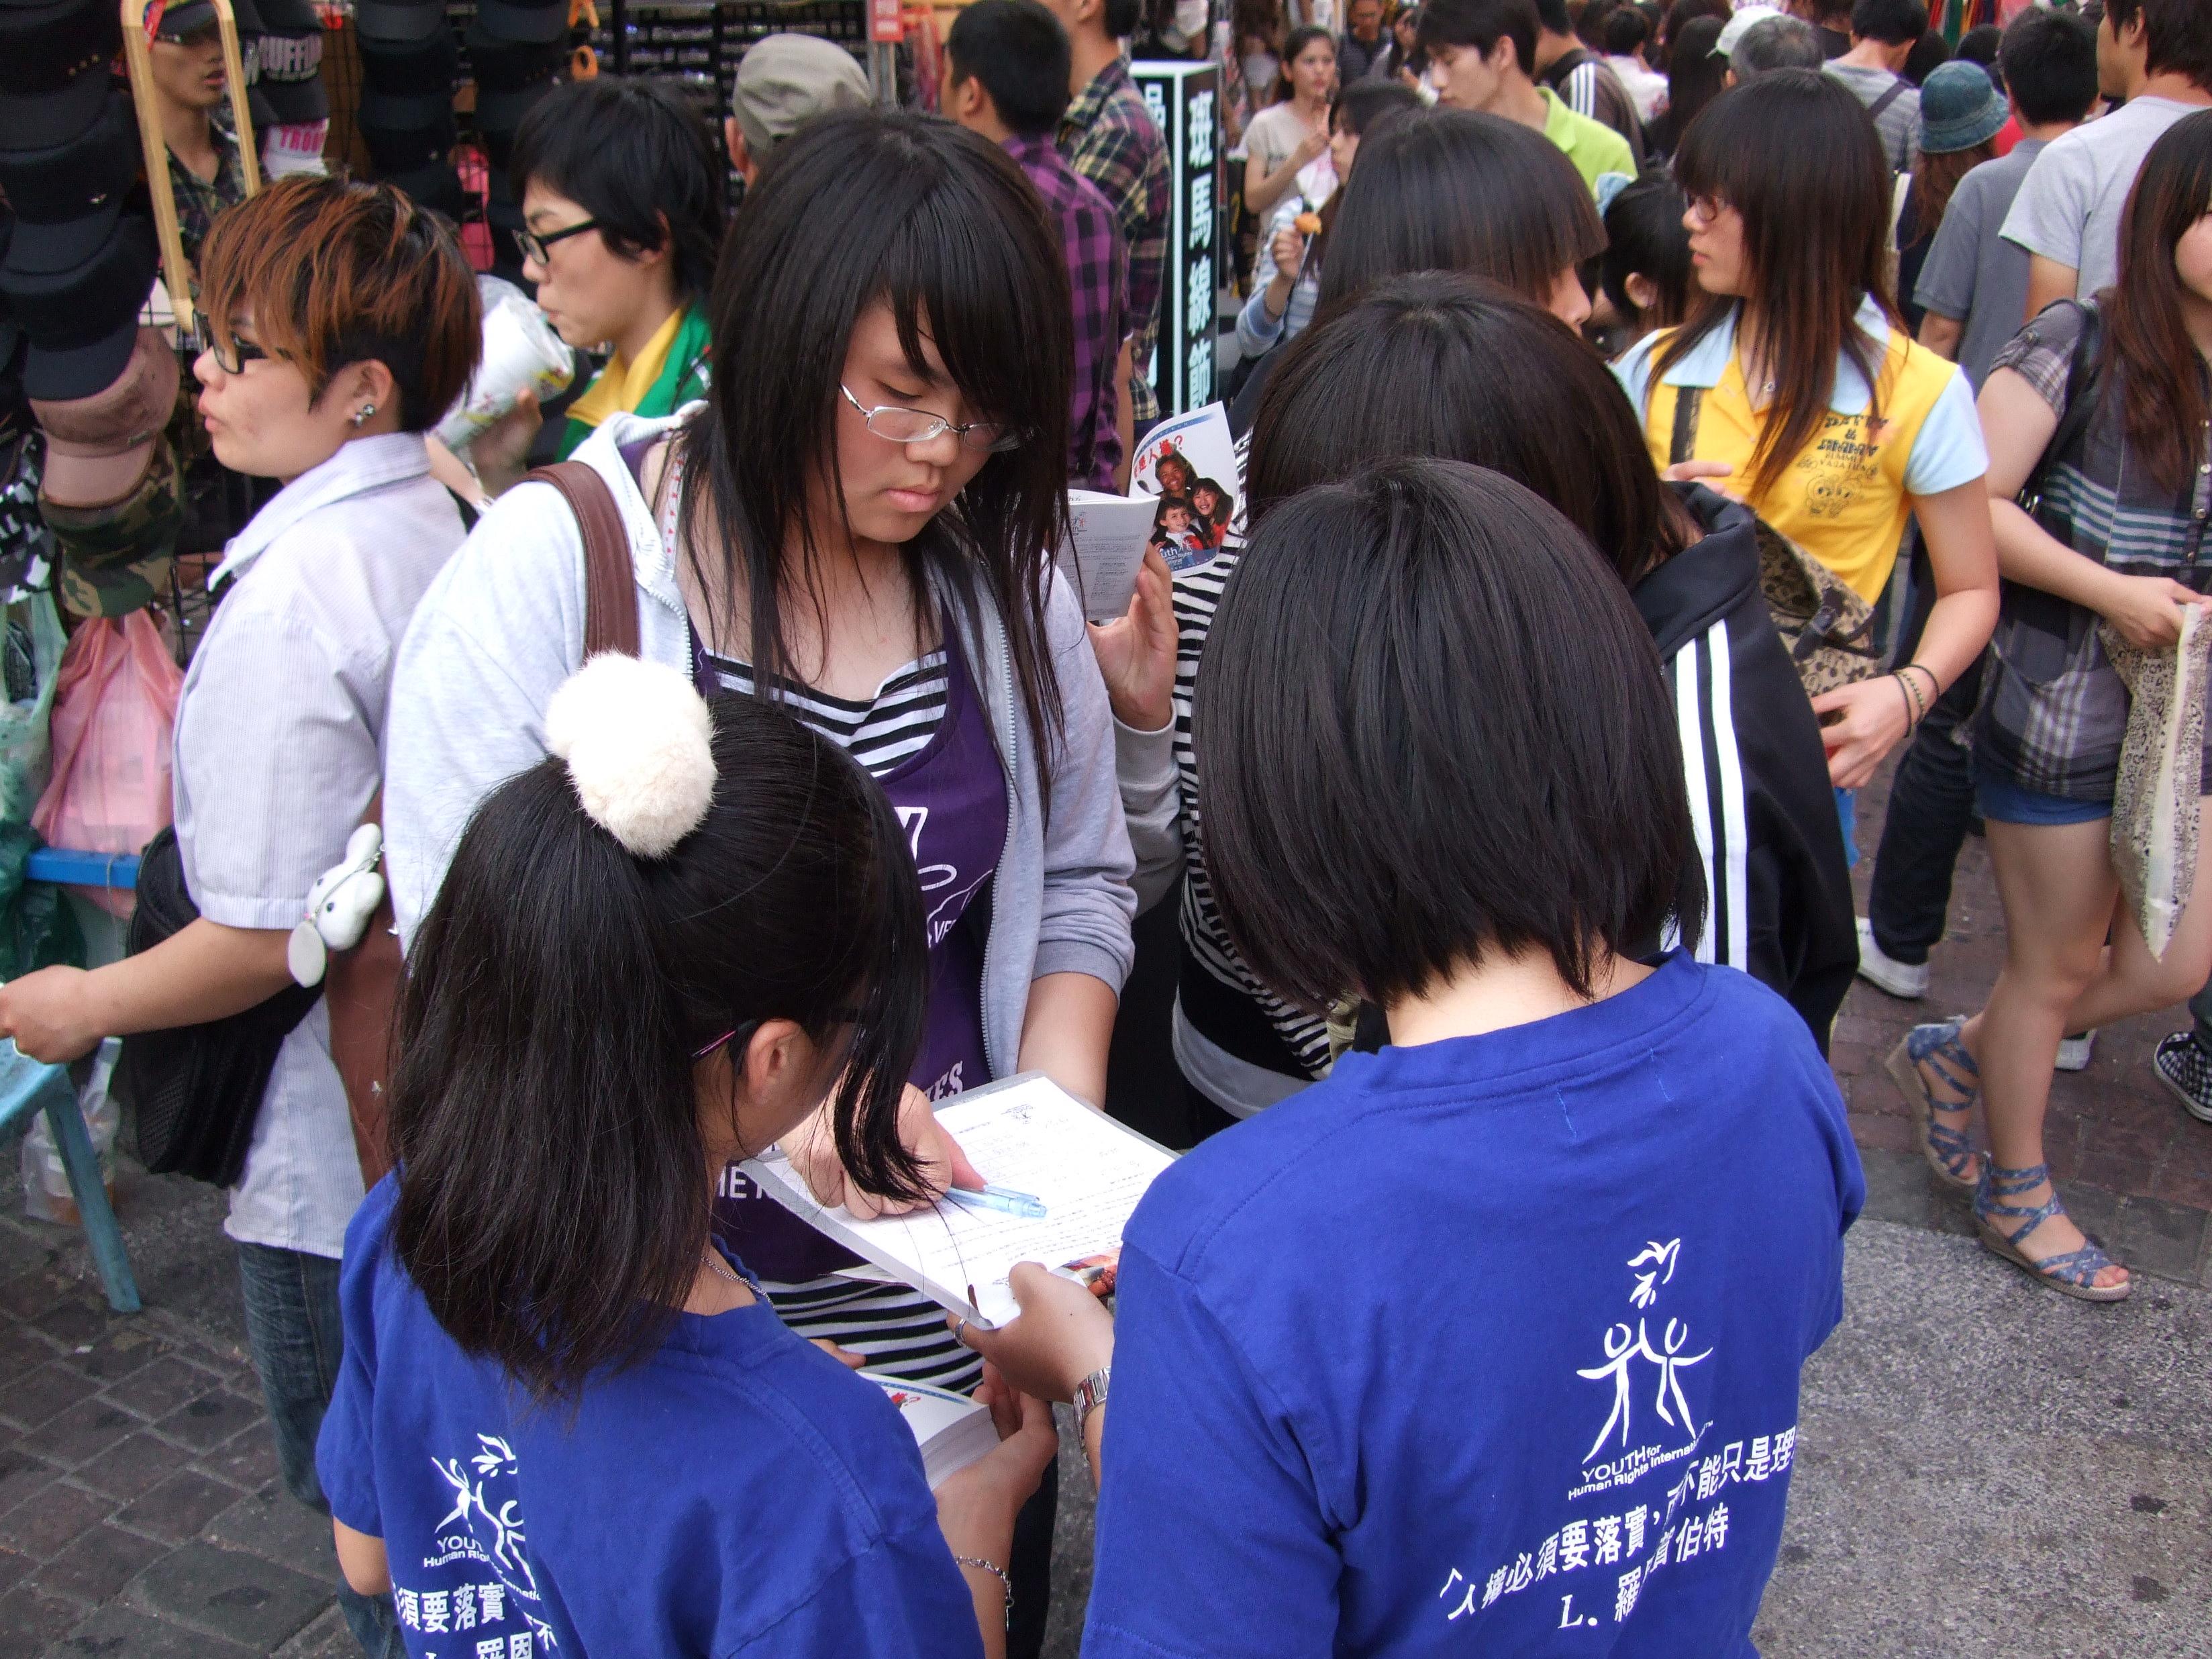 學生志工上街頭開心宣導「什麼是人權?」